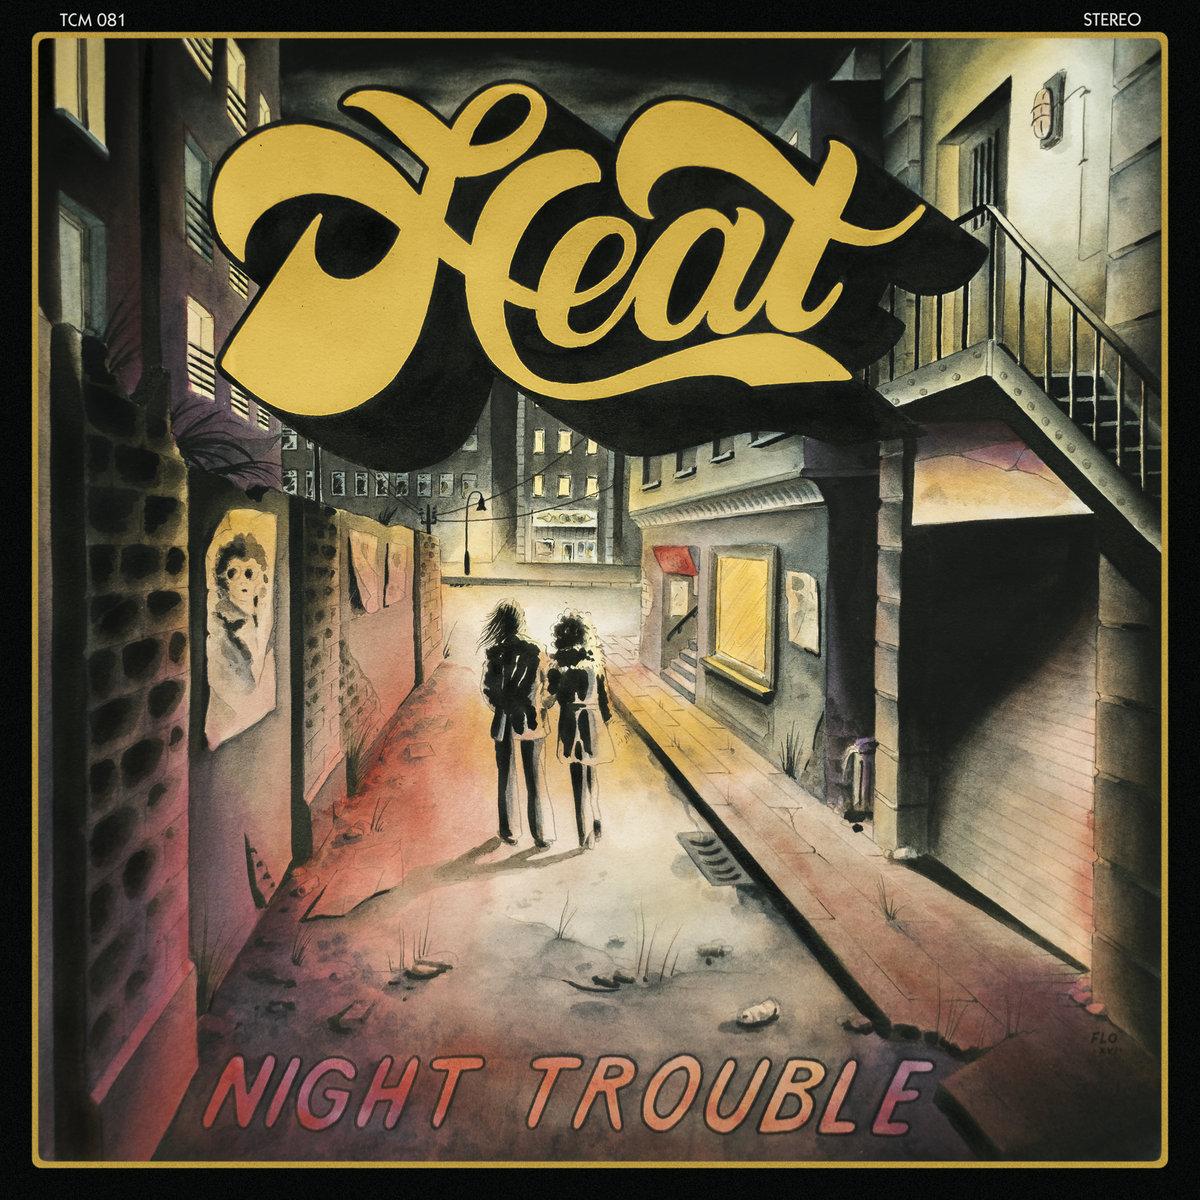 """Résultat de recherche d'images pour """"heat night trouble cd"""""""